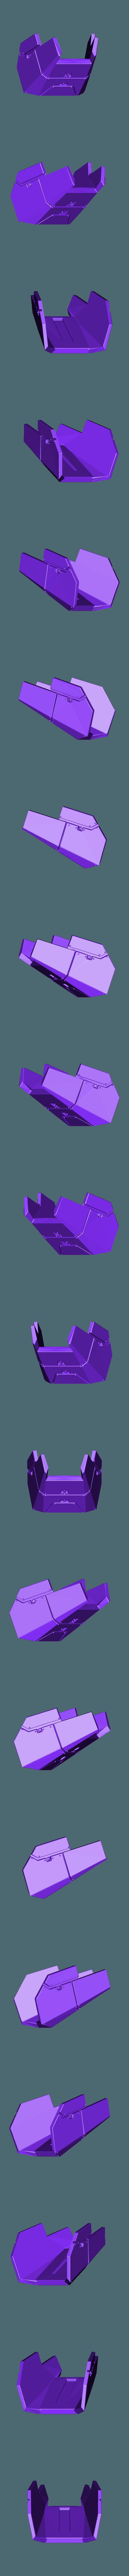 leg_armor01.STL Télécharger fichier STL gratuit Lucius Wardog Titan • Plan pour imprimante 3D, jimsbeanz